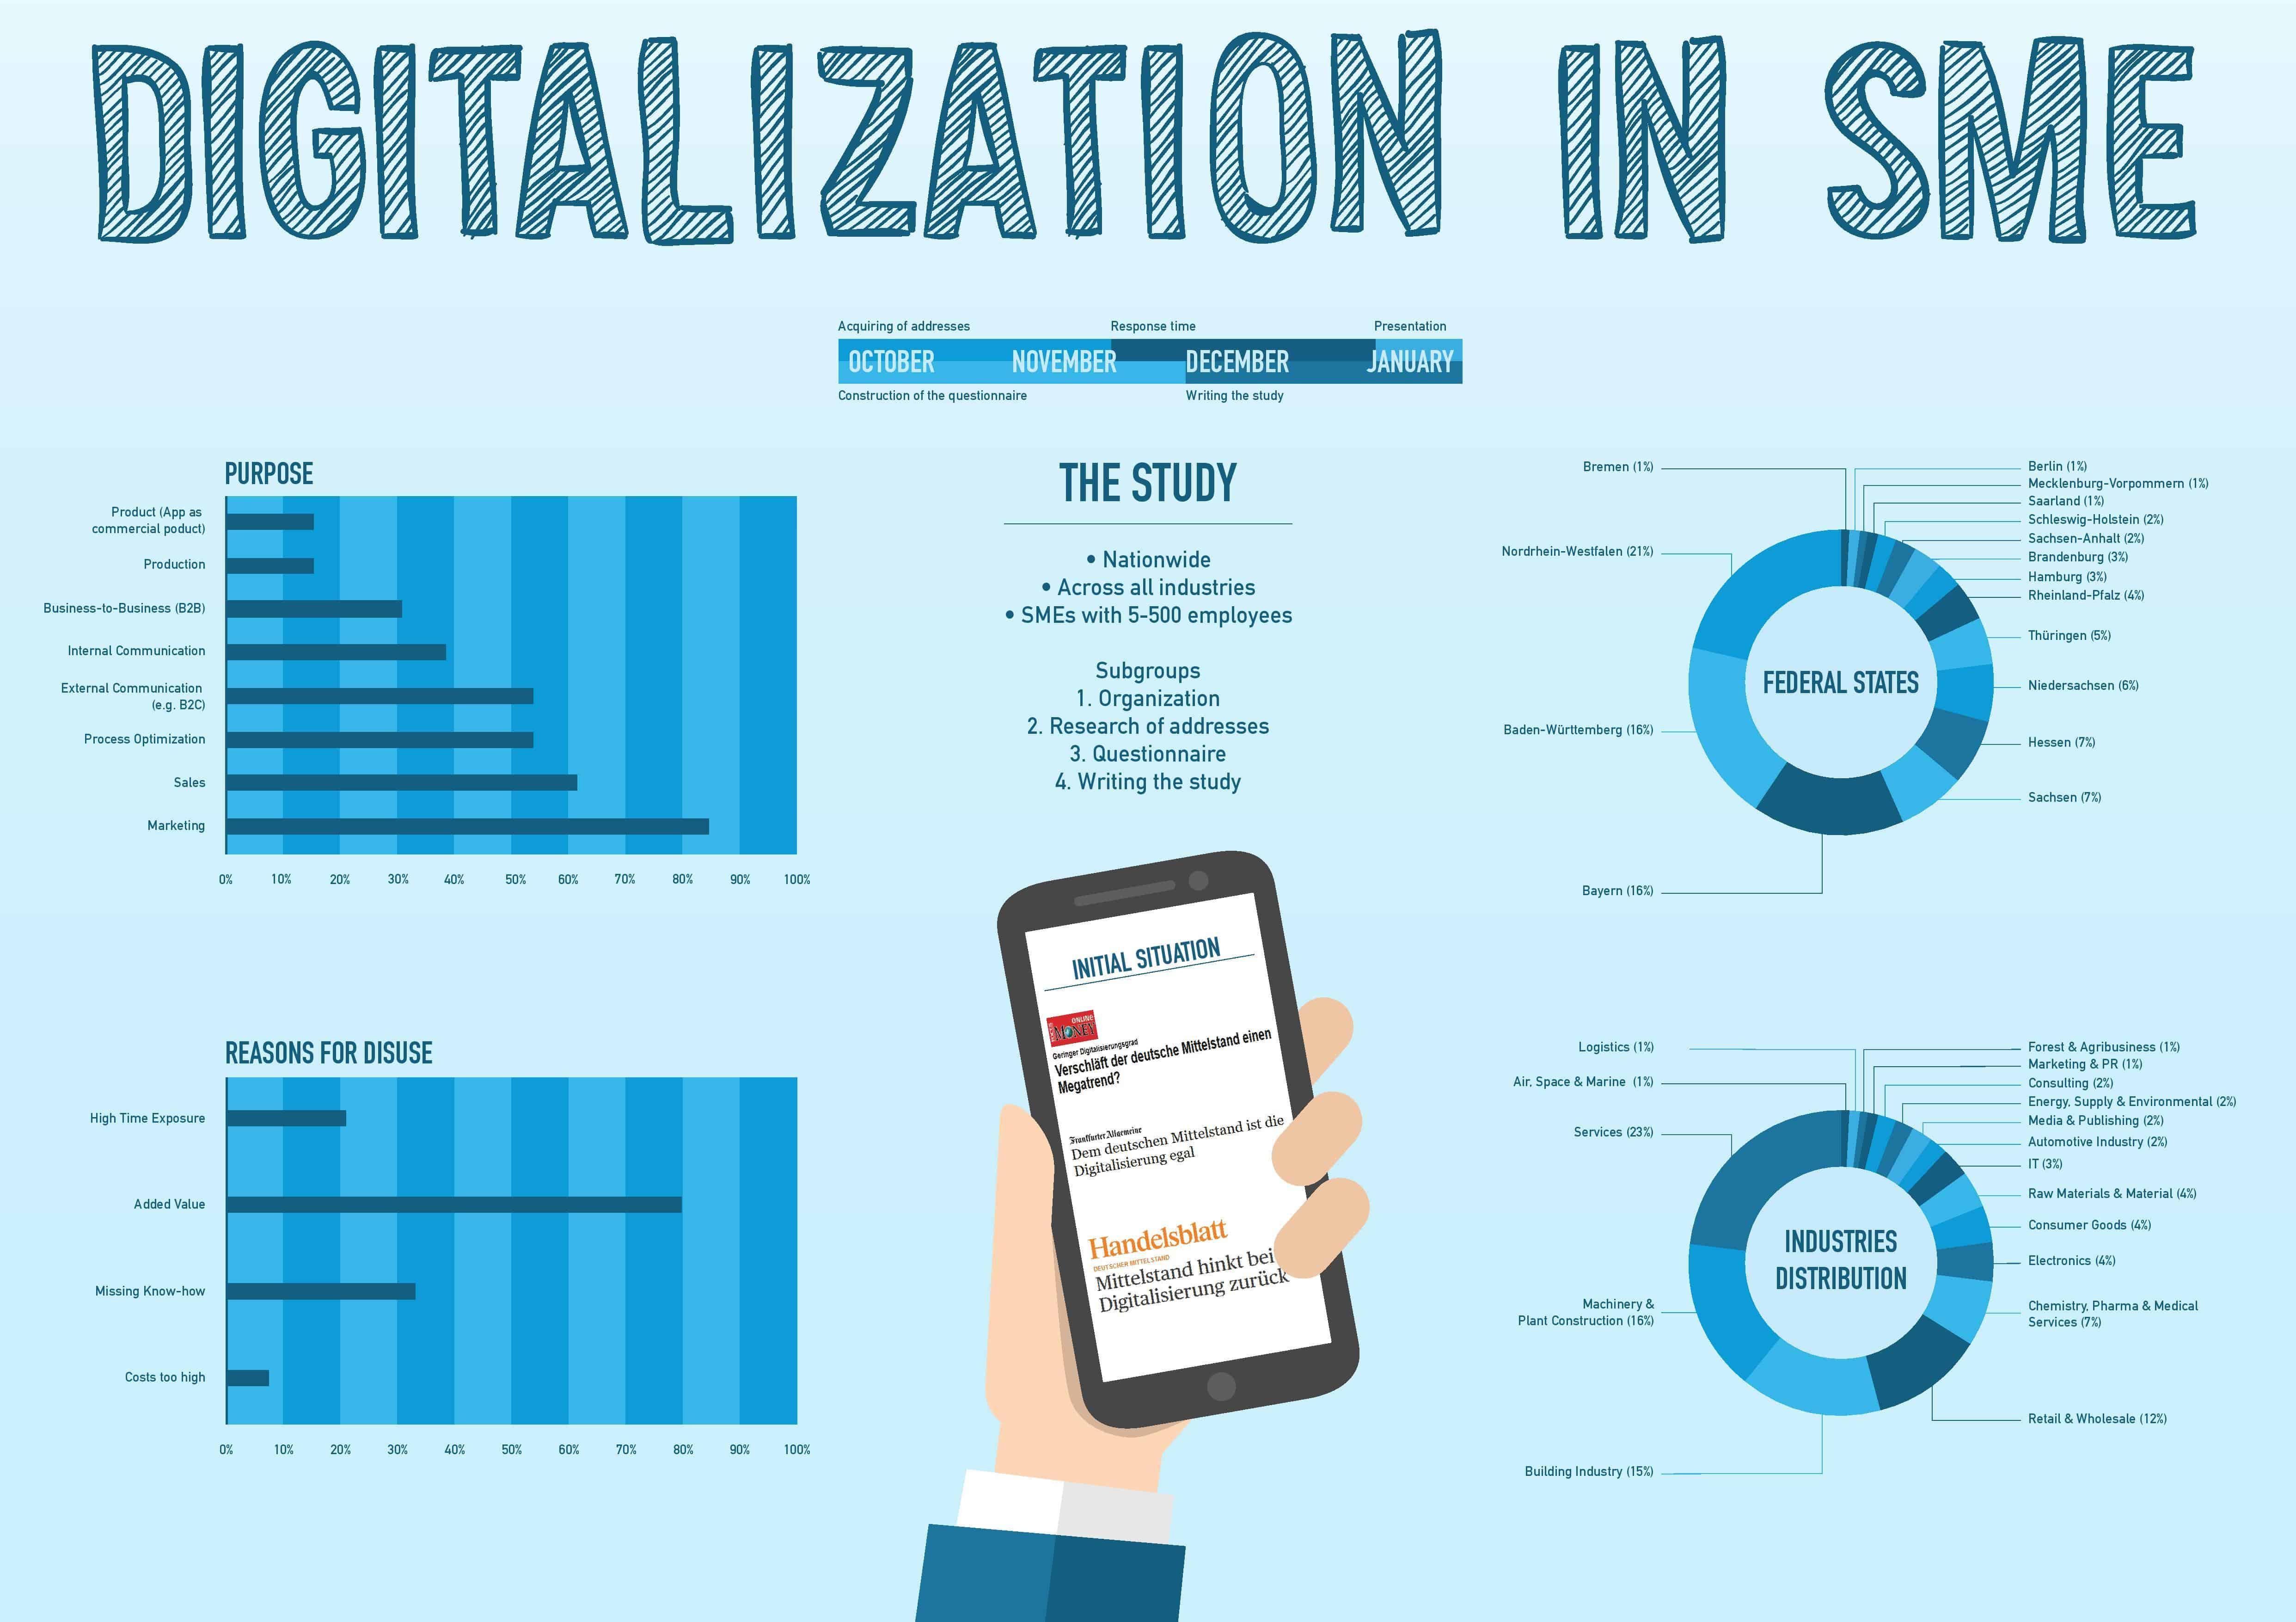 Aktuelle Hochschul-Studie untersucht Verbreitung und Nutzung von Apps im Mittelstand Branchen Dienstleistung und Handel zeichnen sich als deutliche Vorreiter aus